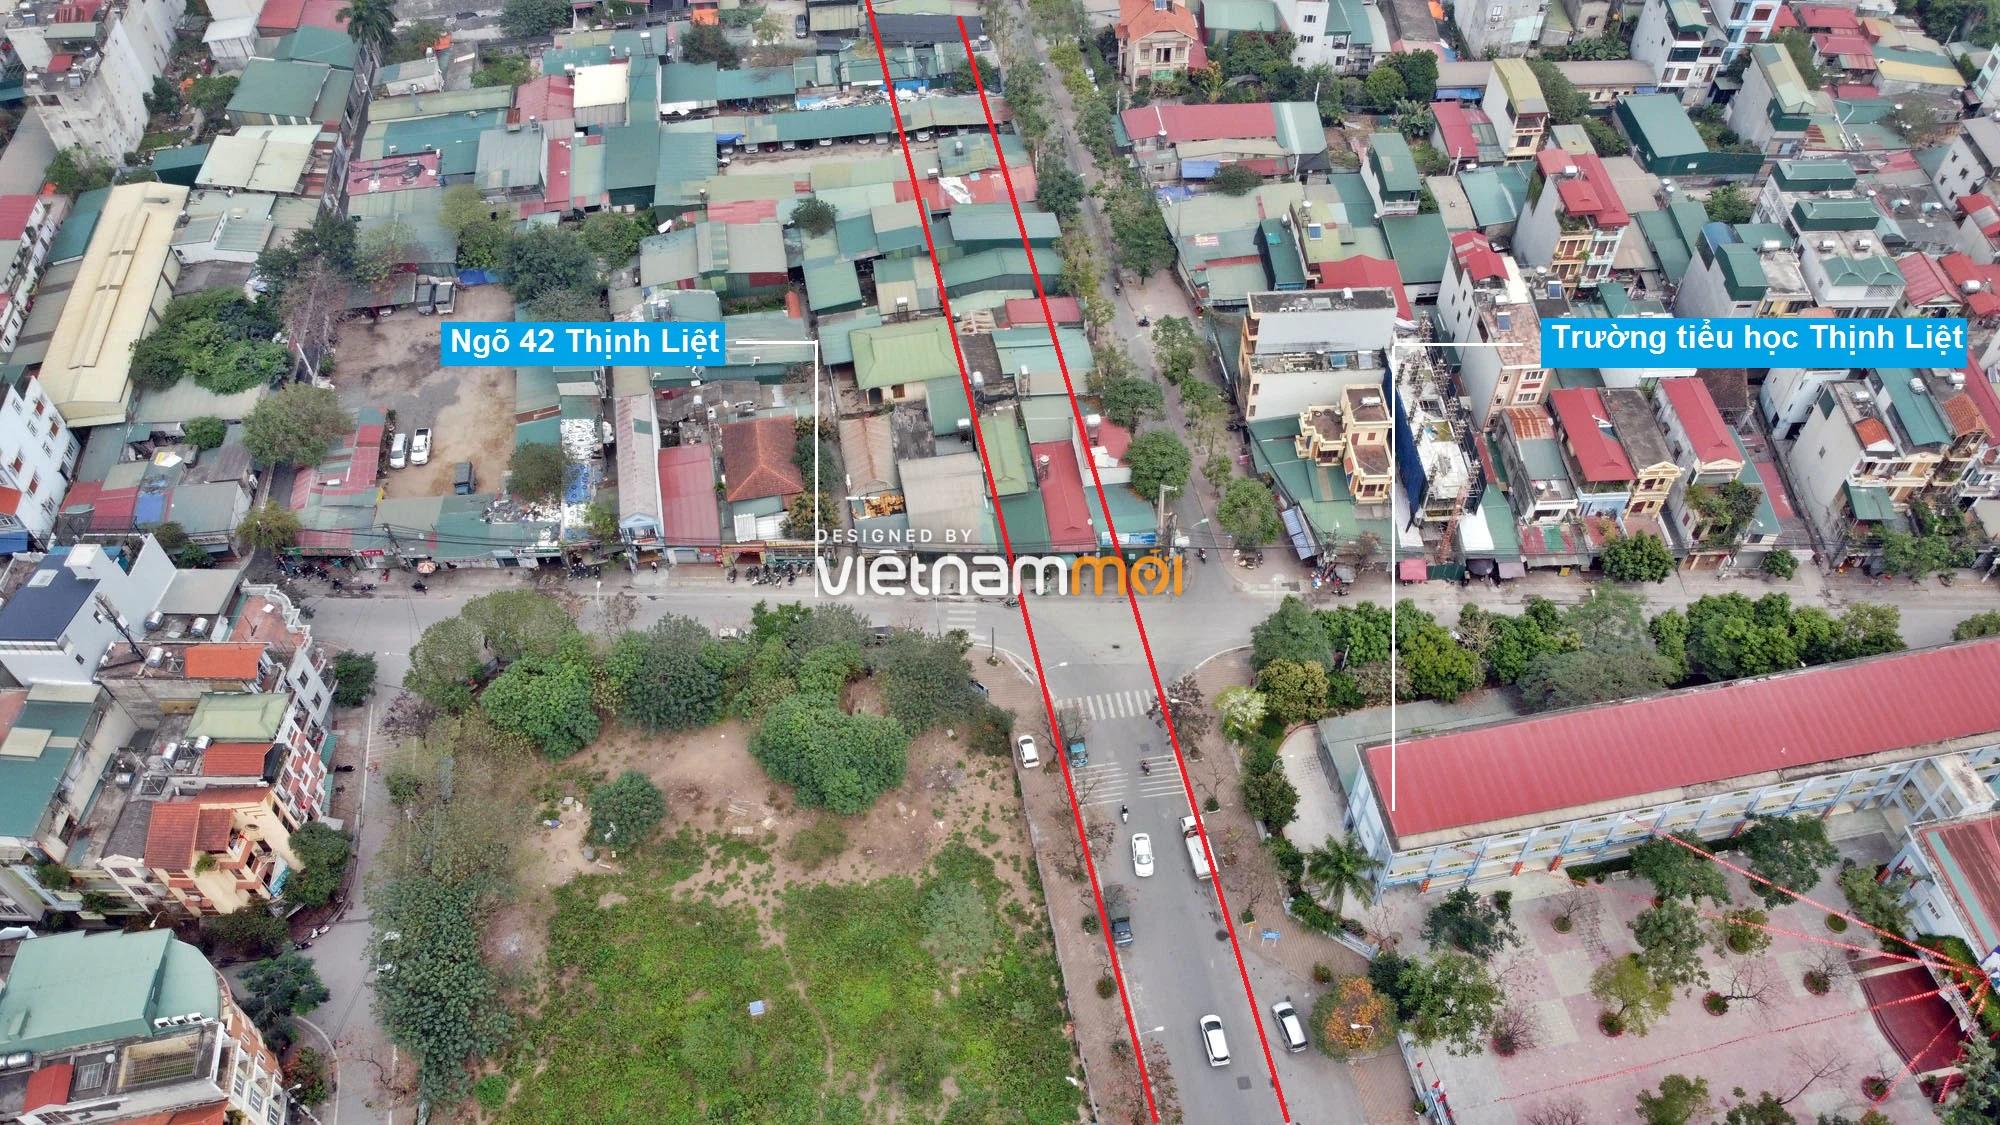 Đường sẽ mở theo quy hoạch ở phường Thịnh Liệt, Hoàng Mai, Hà Nội (phần 2) - Ảnh 6.